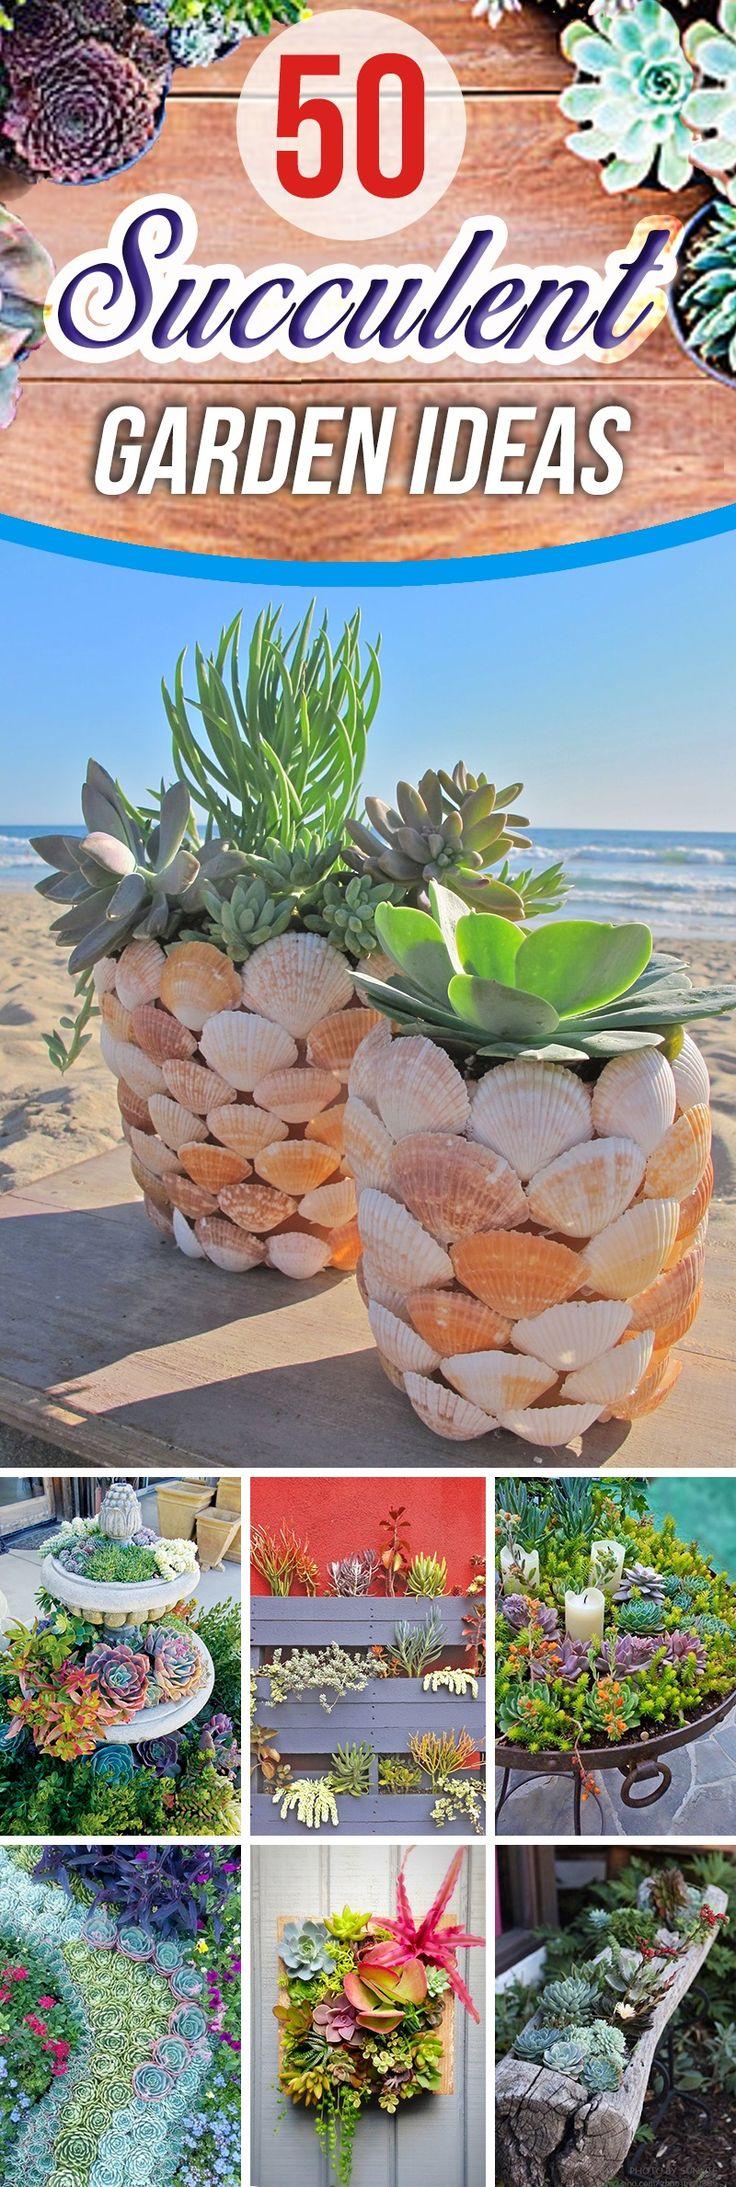 best succulents images on pinterest propagating succulents